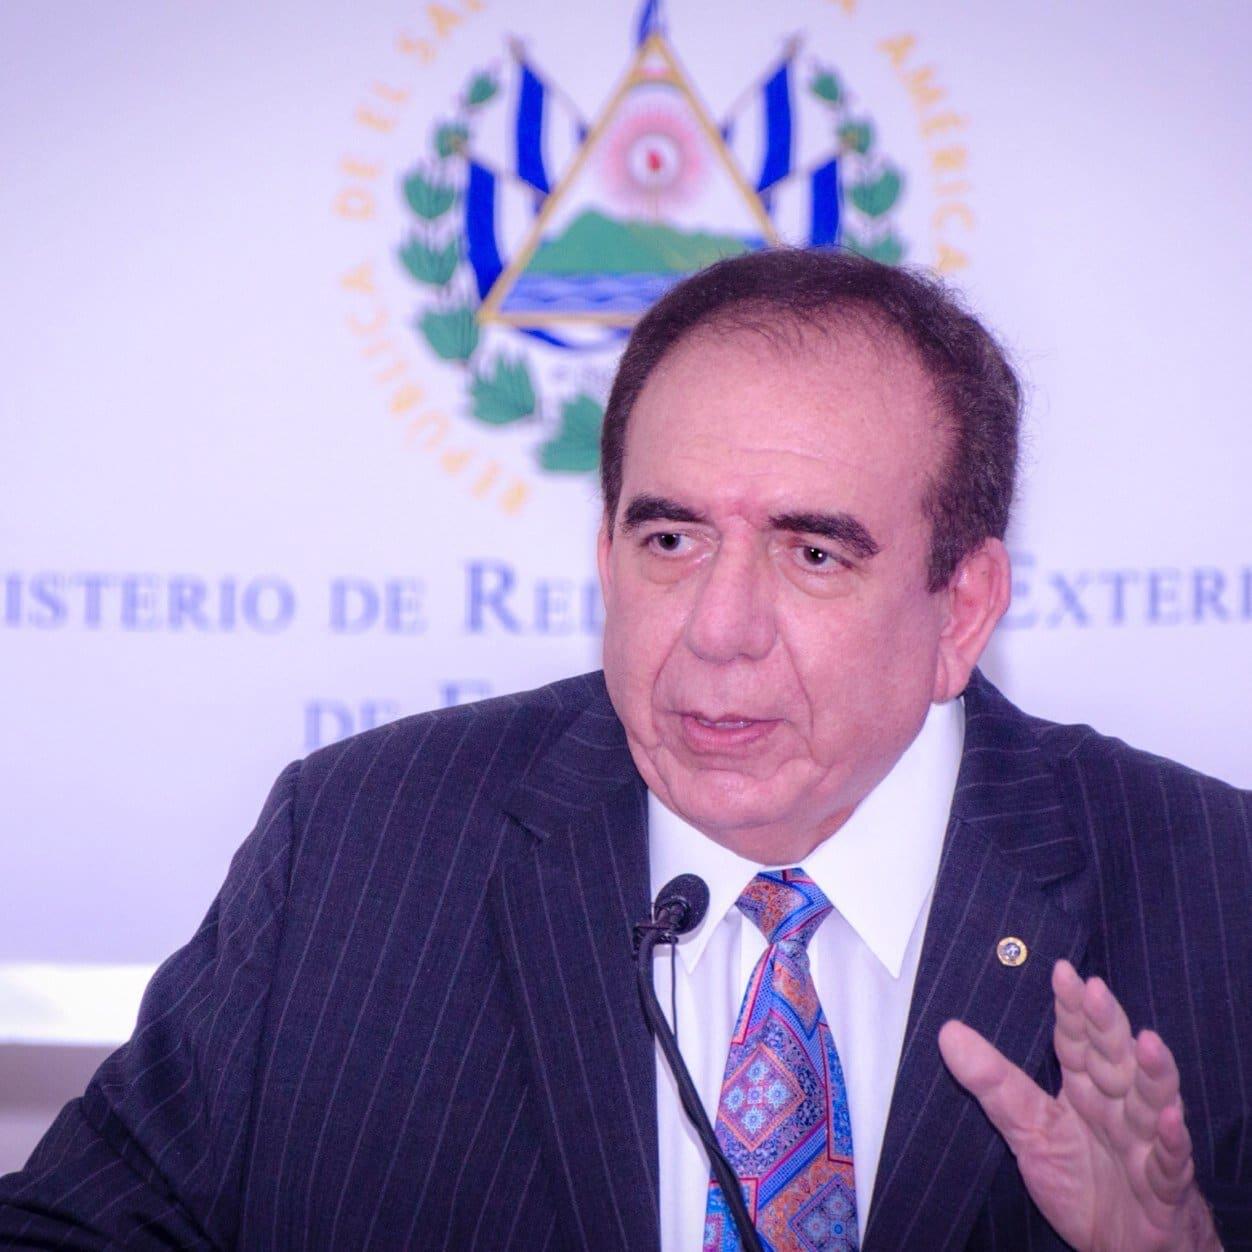 Fallece reconocido empresario y político salvadoreño Armando Bukele